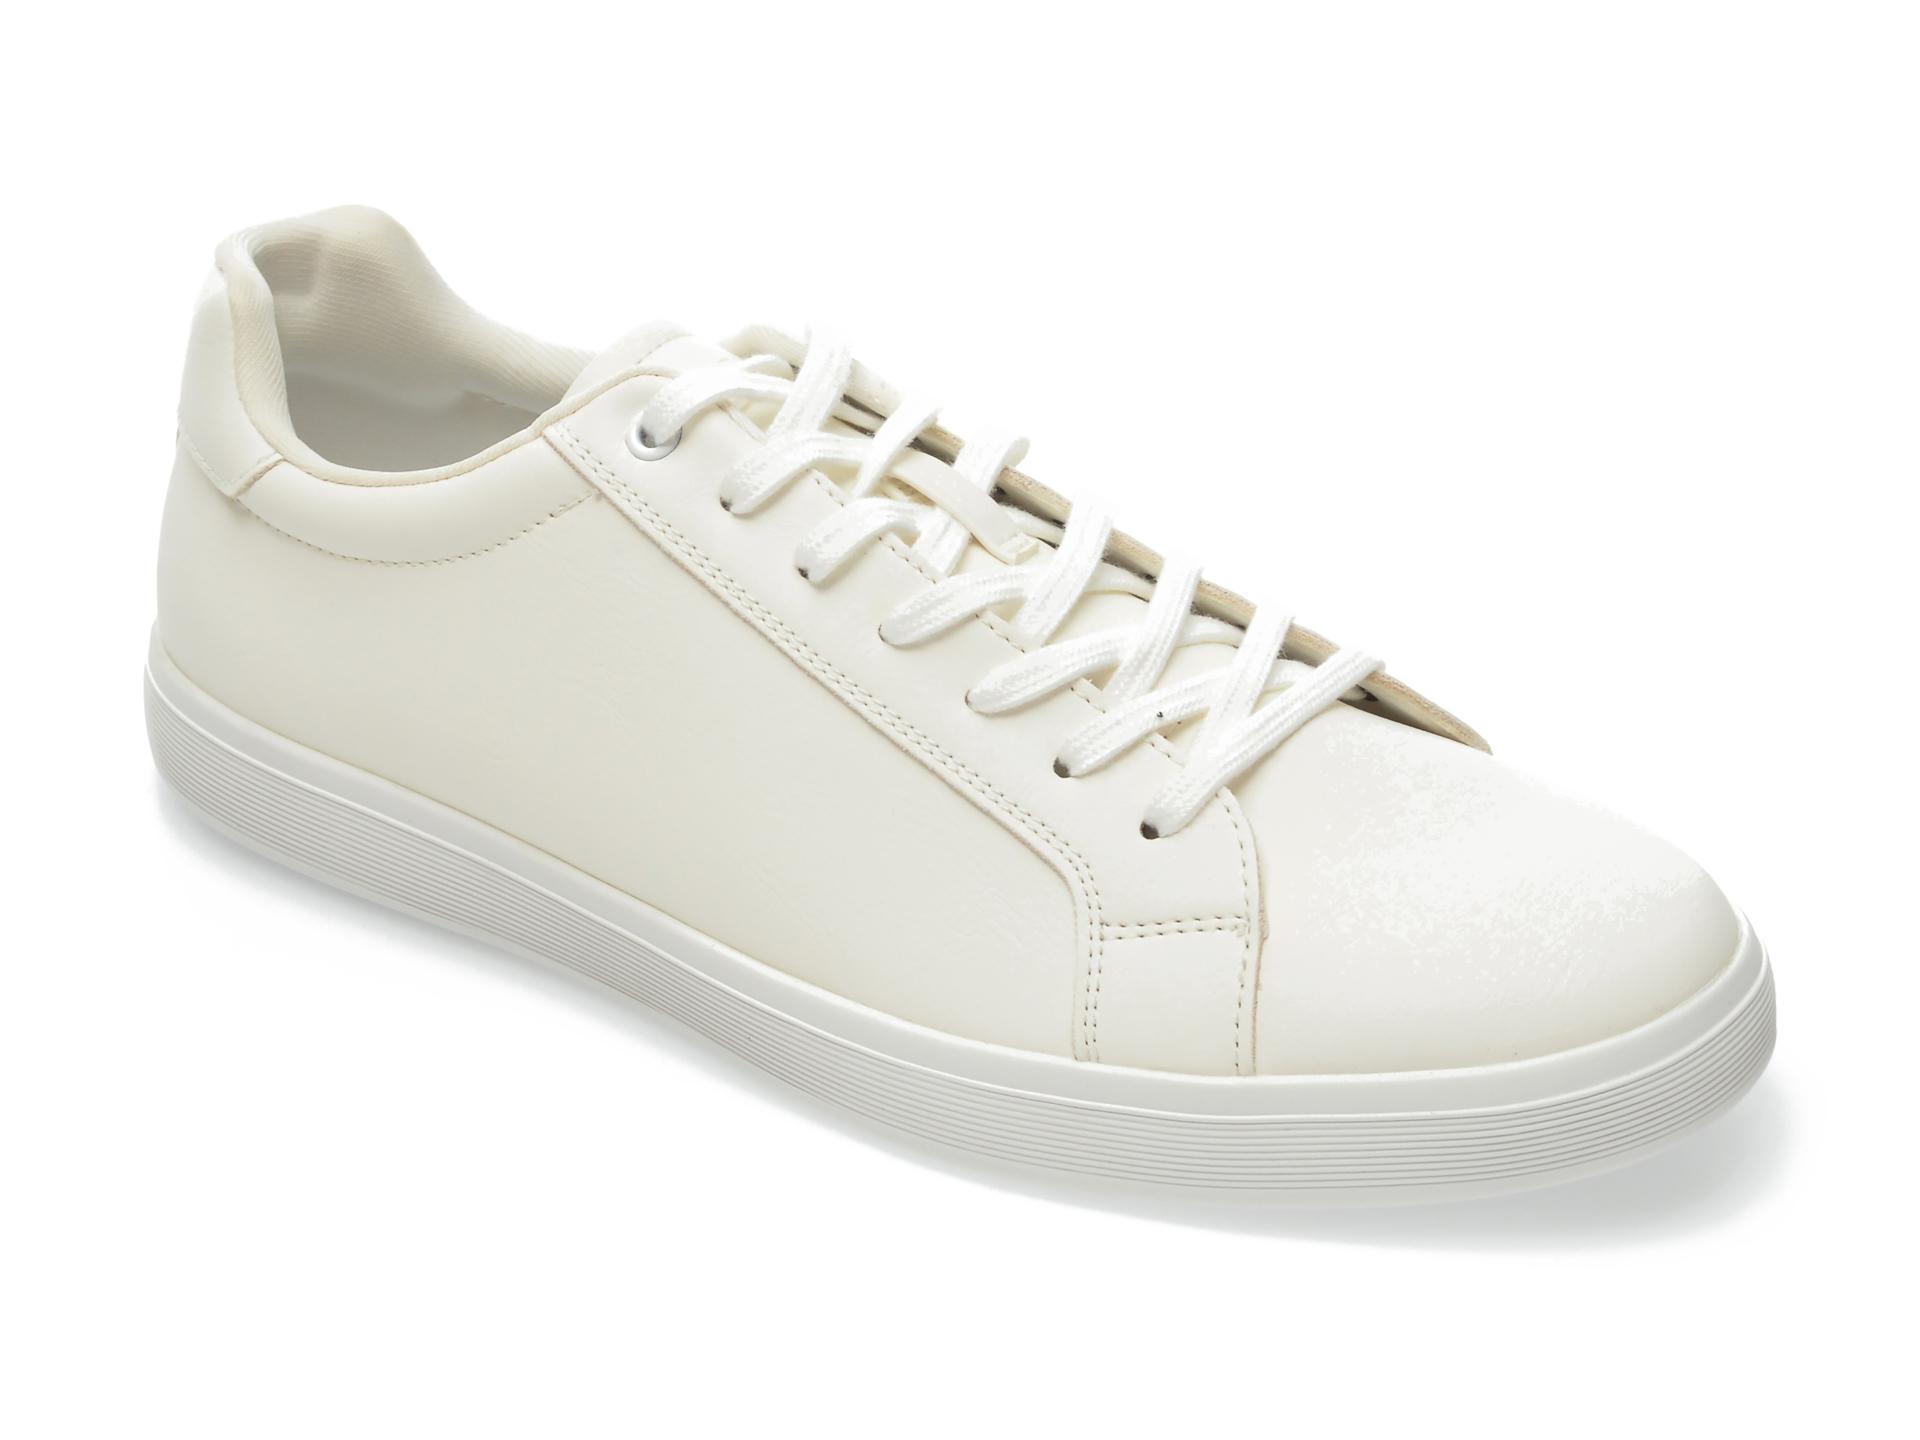 Pantofi sport ALDO albi, Keduwen100, din piele ecologica imagine